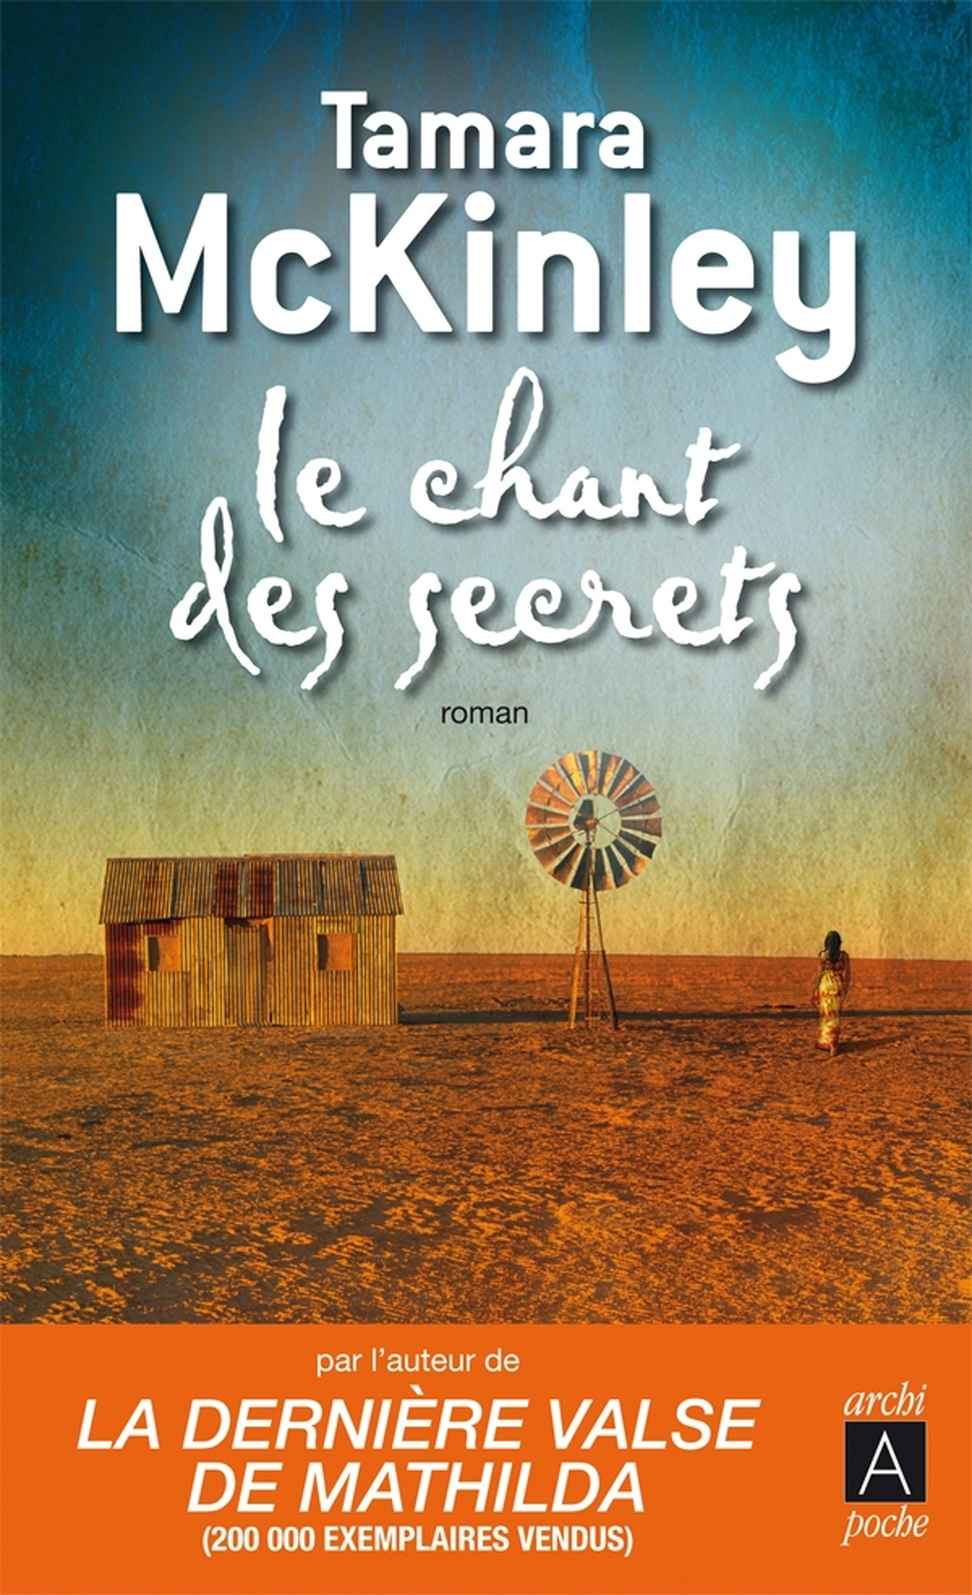 mckinley_le_chant_des_secrets